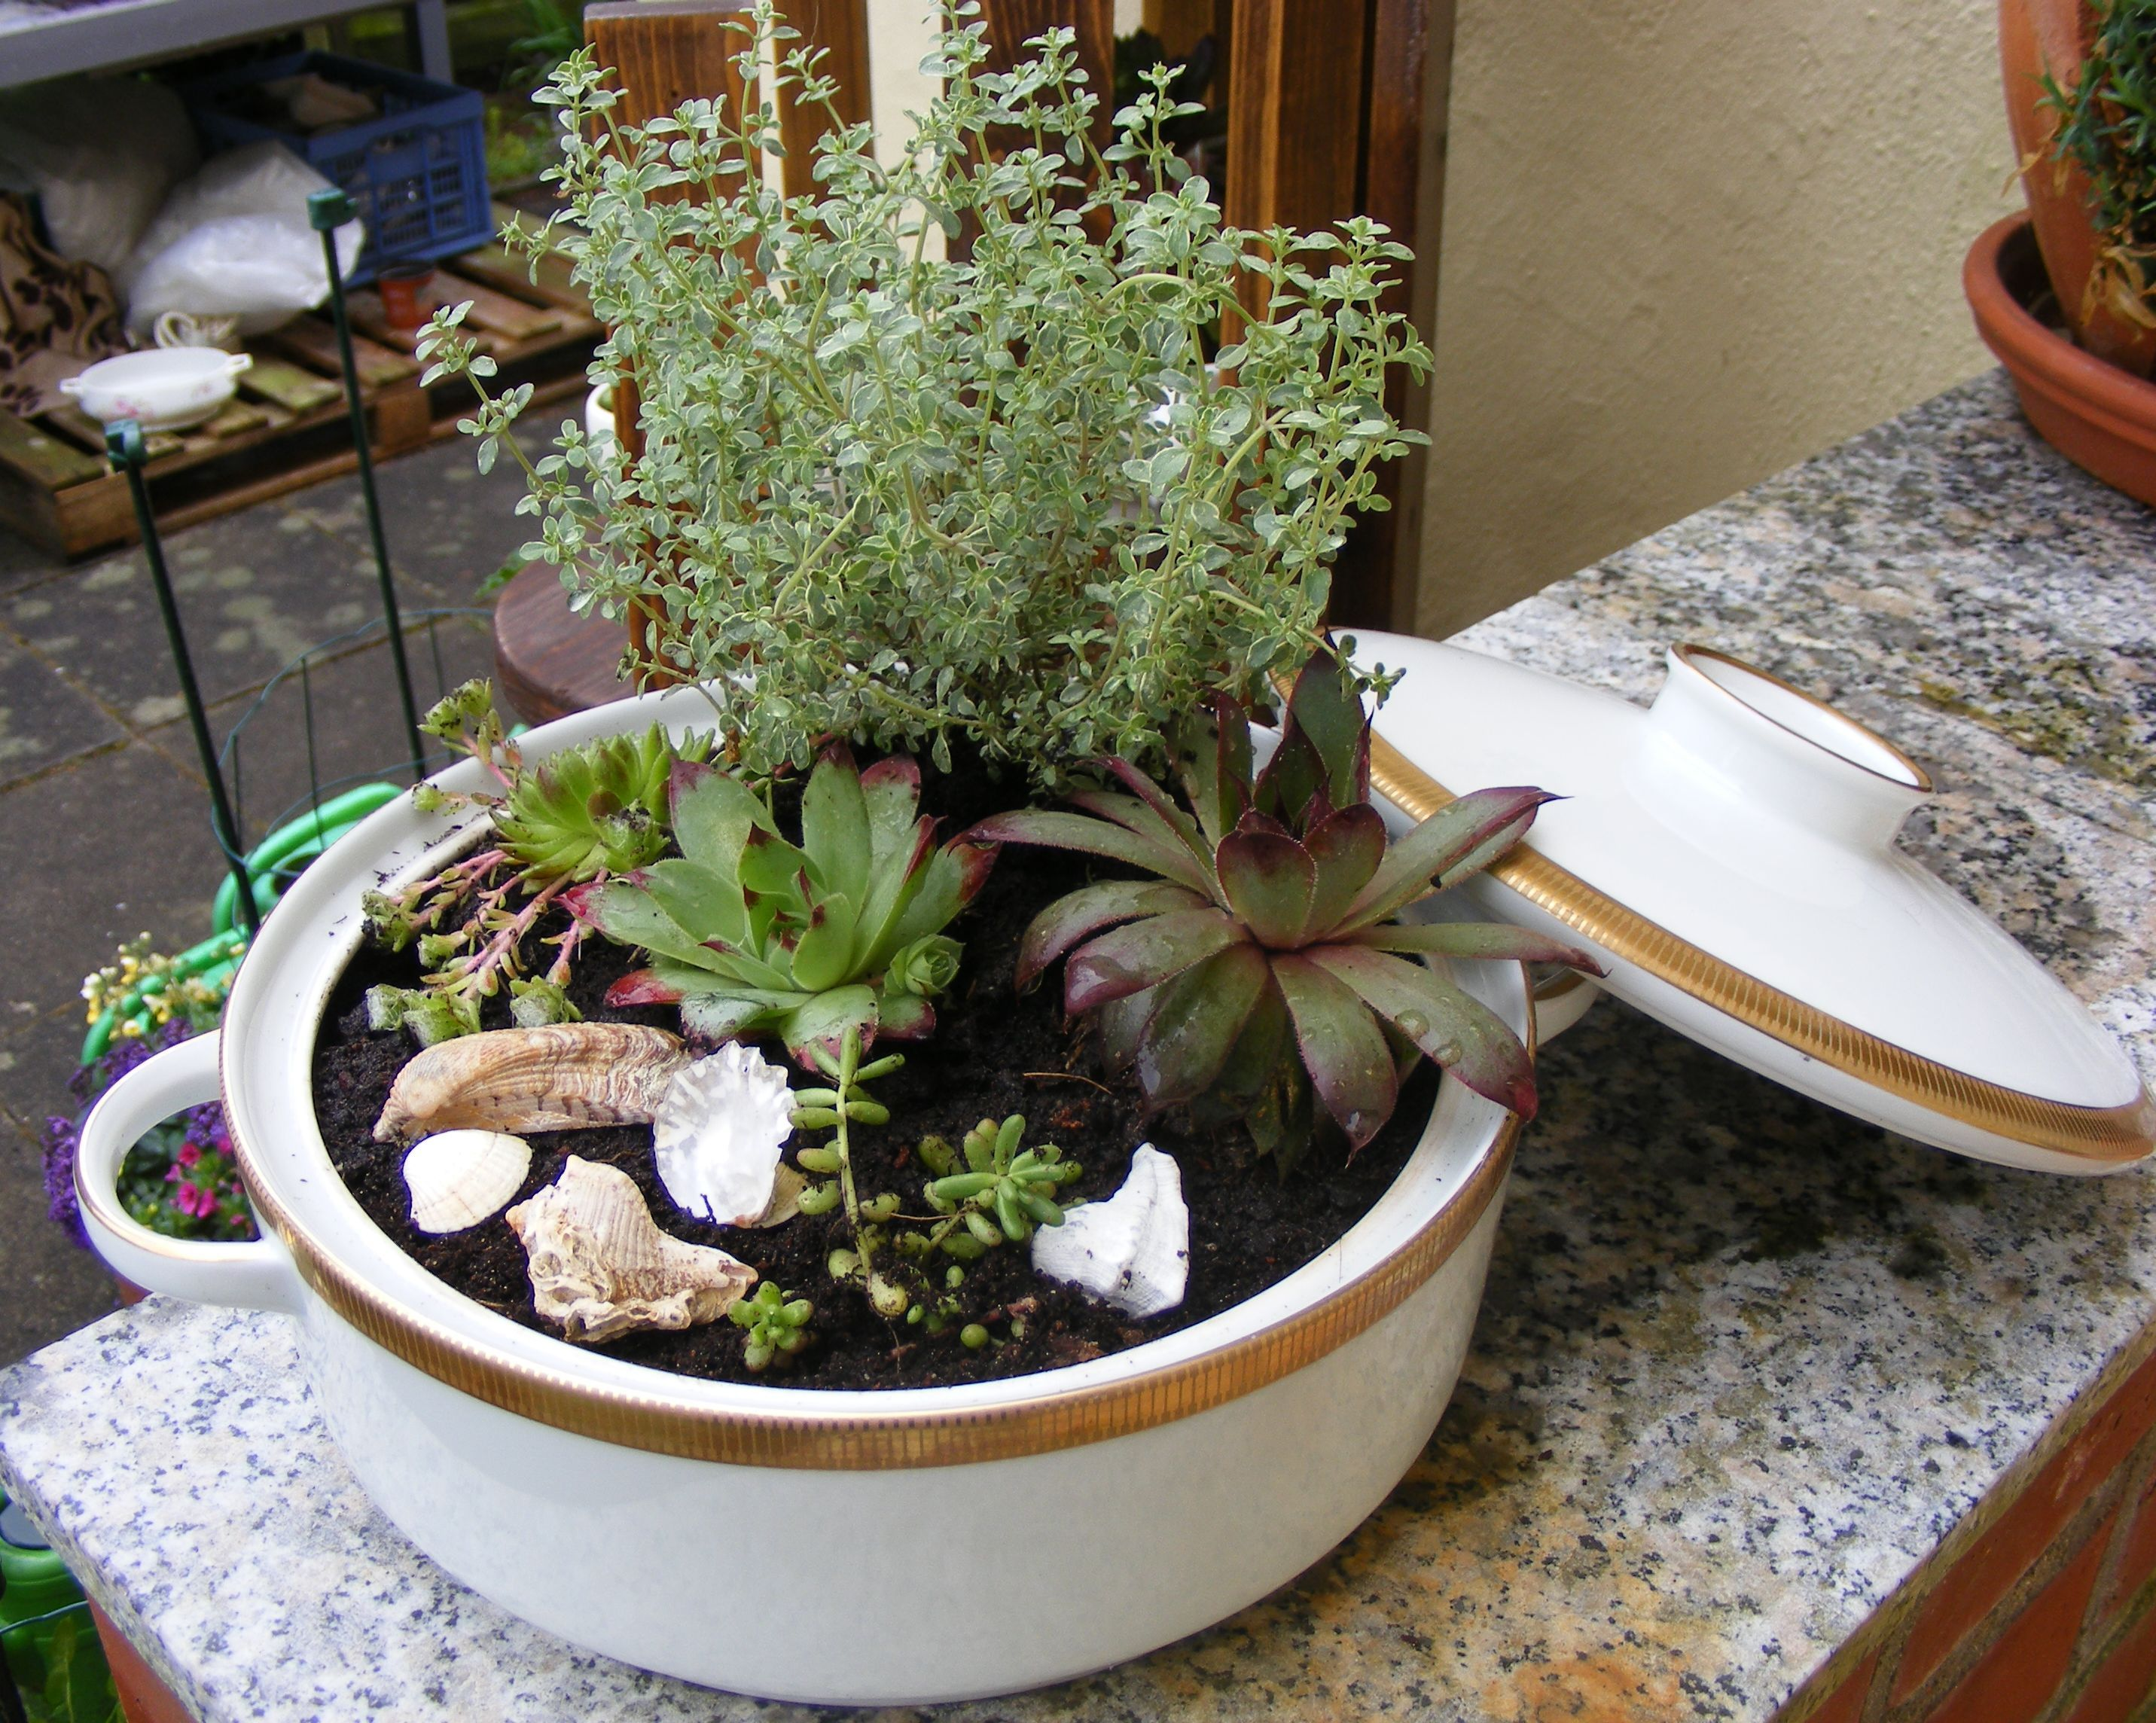 Minigarten in einer suppensch ssel bepflanzt mit thymian - Zinkwanne dekorieren ...